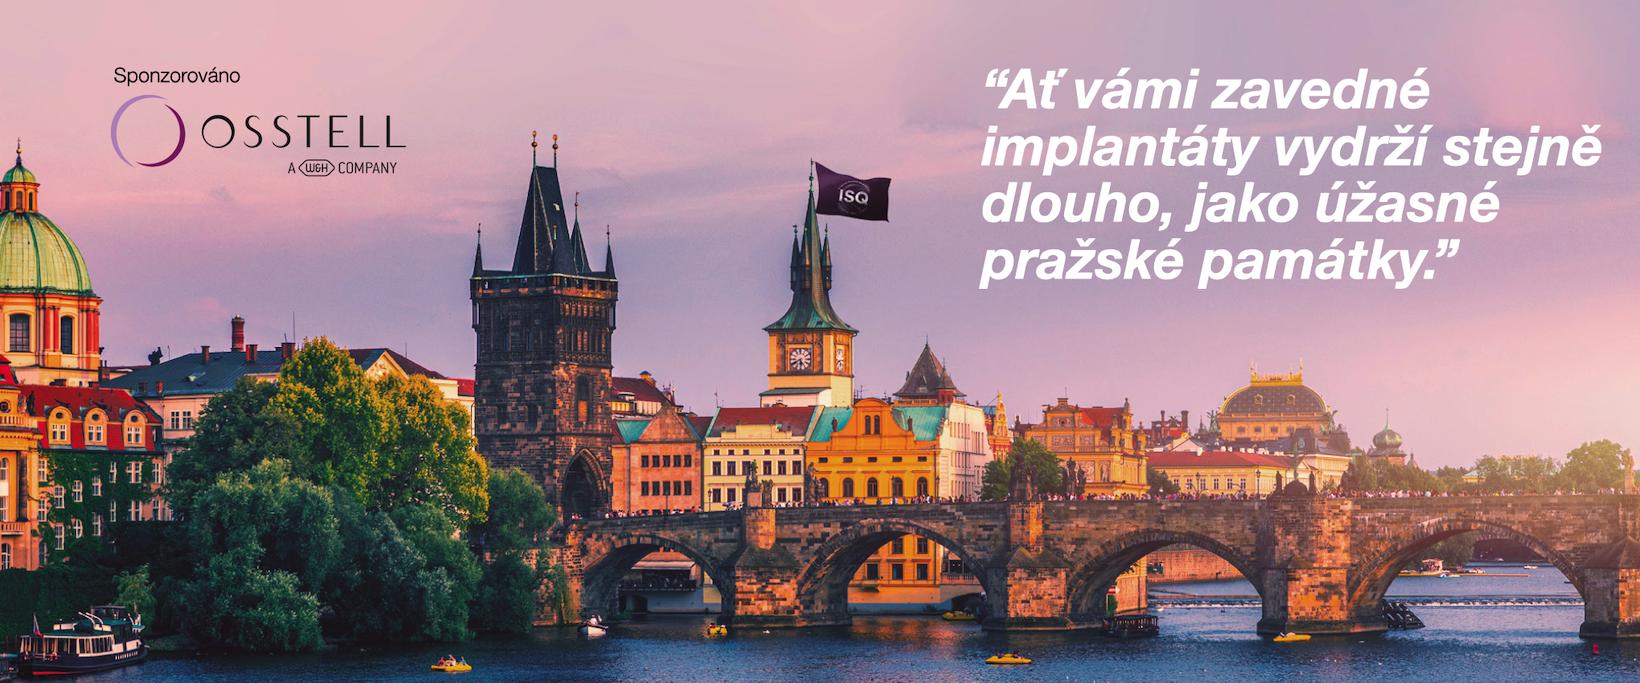 Prague-Osstell-Congress